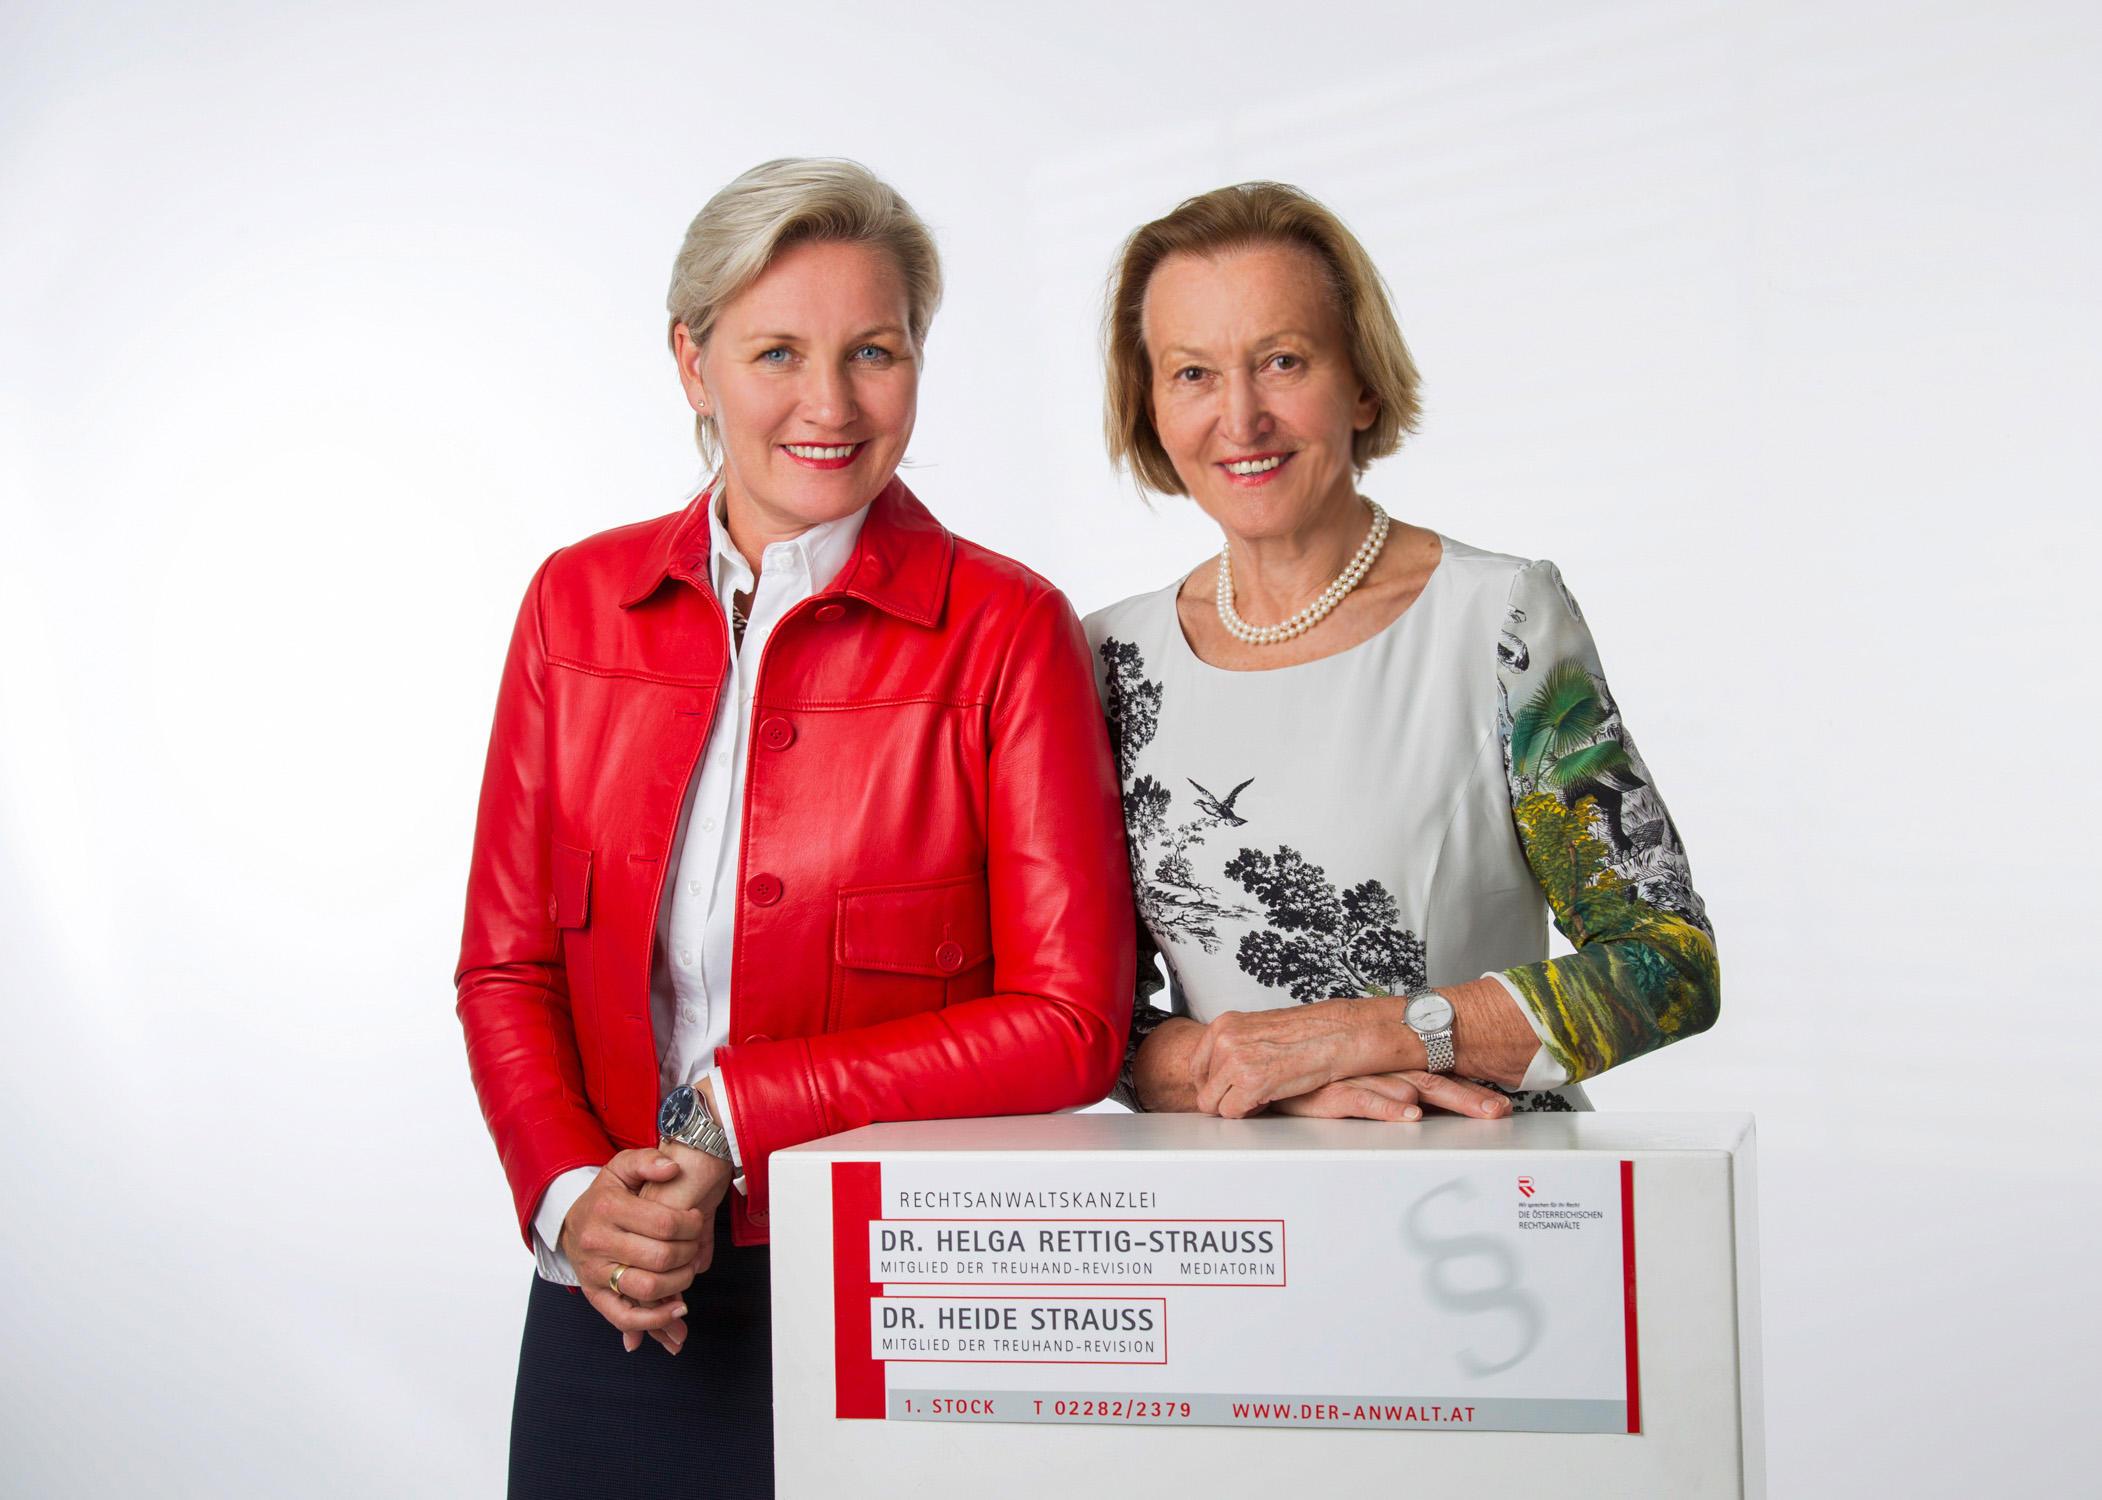 Dr. Helga Rettig-Strauss